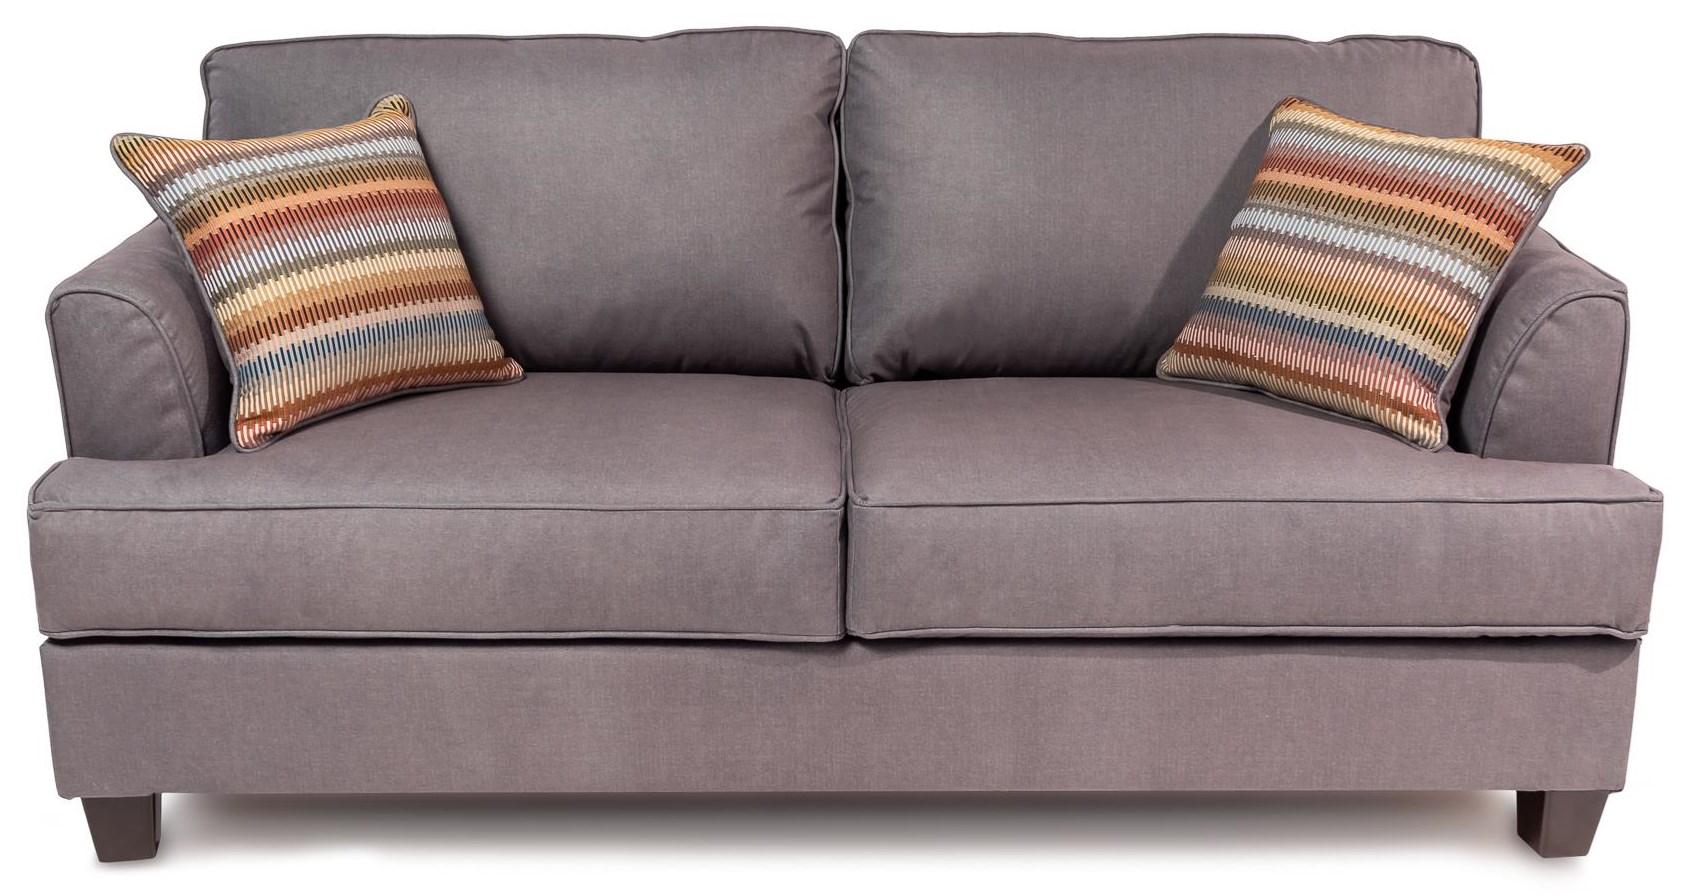 Rockford Full Sleeper Sofa at Rotmans